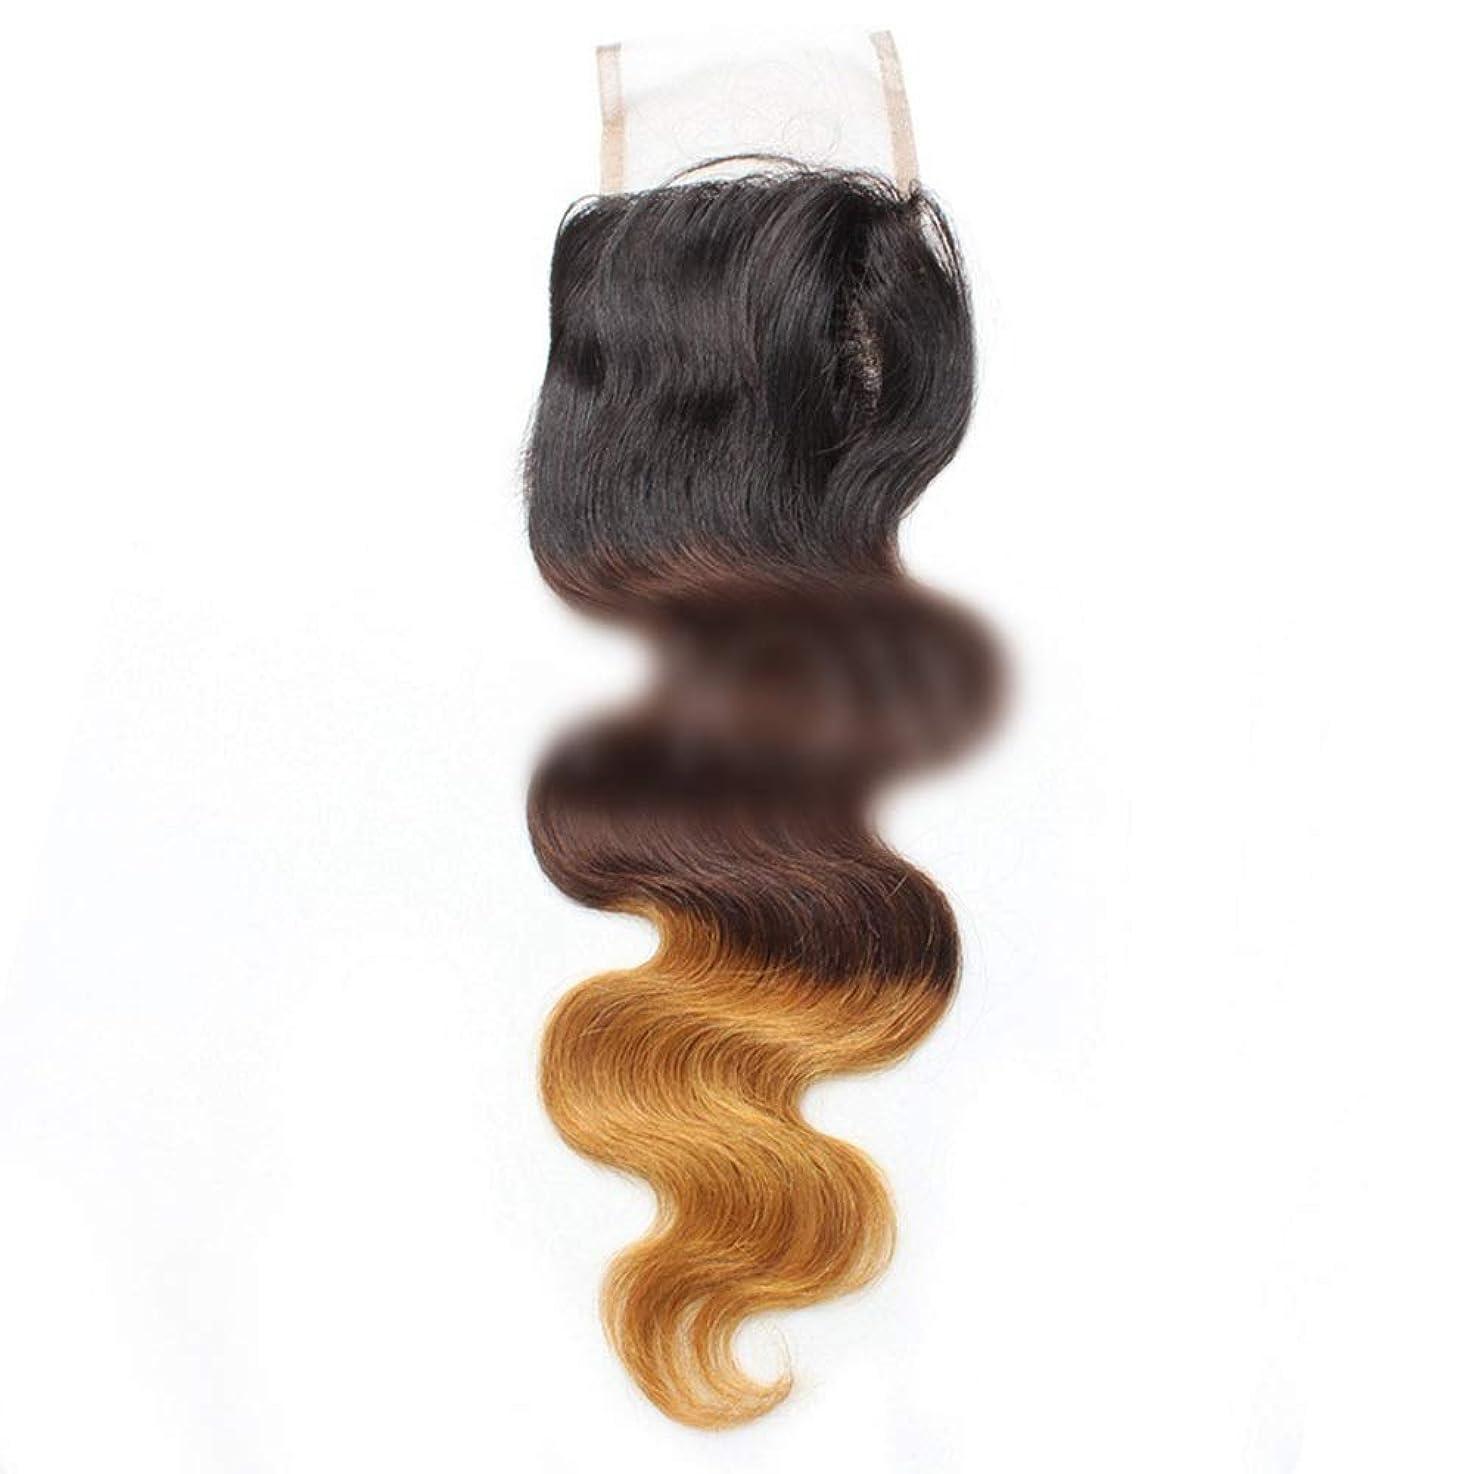 レンディション私達ダニBOBIDYEE 9aバージンブラジル人間の髪の毛自由な部分実体波4 * 4レース閉鎖 - 1B / 4/27#3トーン色ロールプレイングかつら女性のかつら (色 : ブラウン, サイズ : 18 inch)